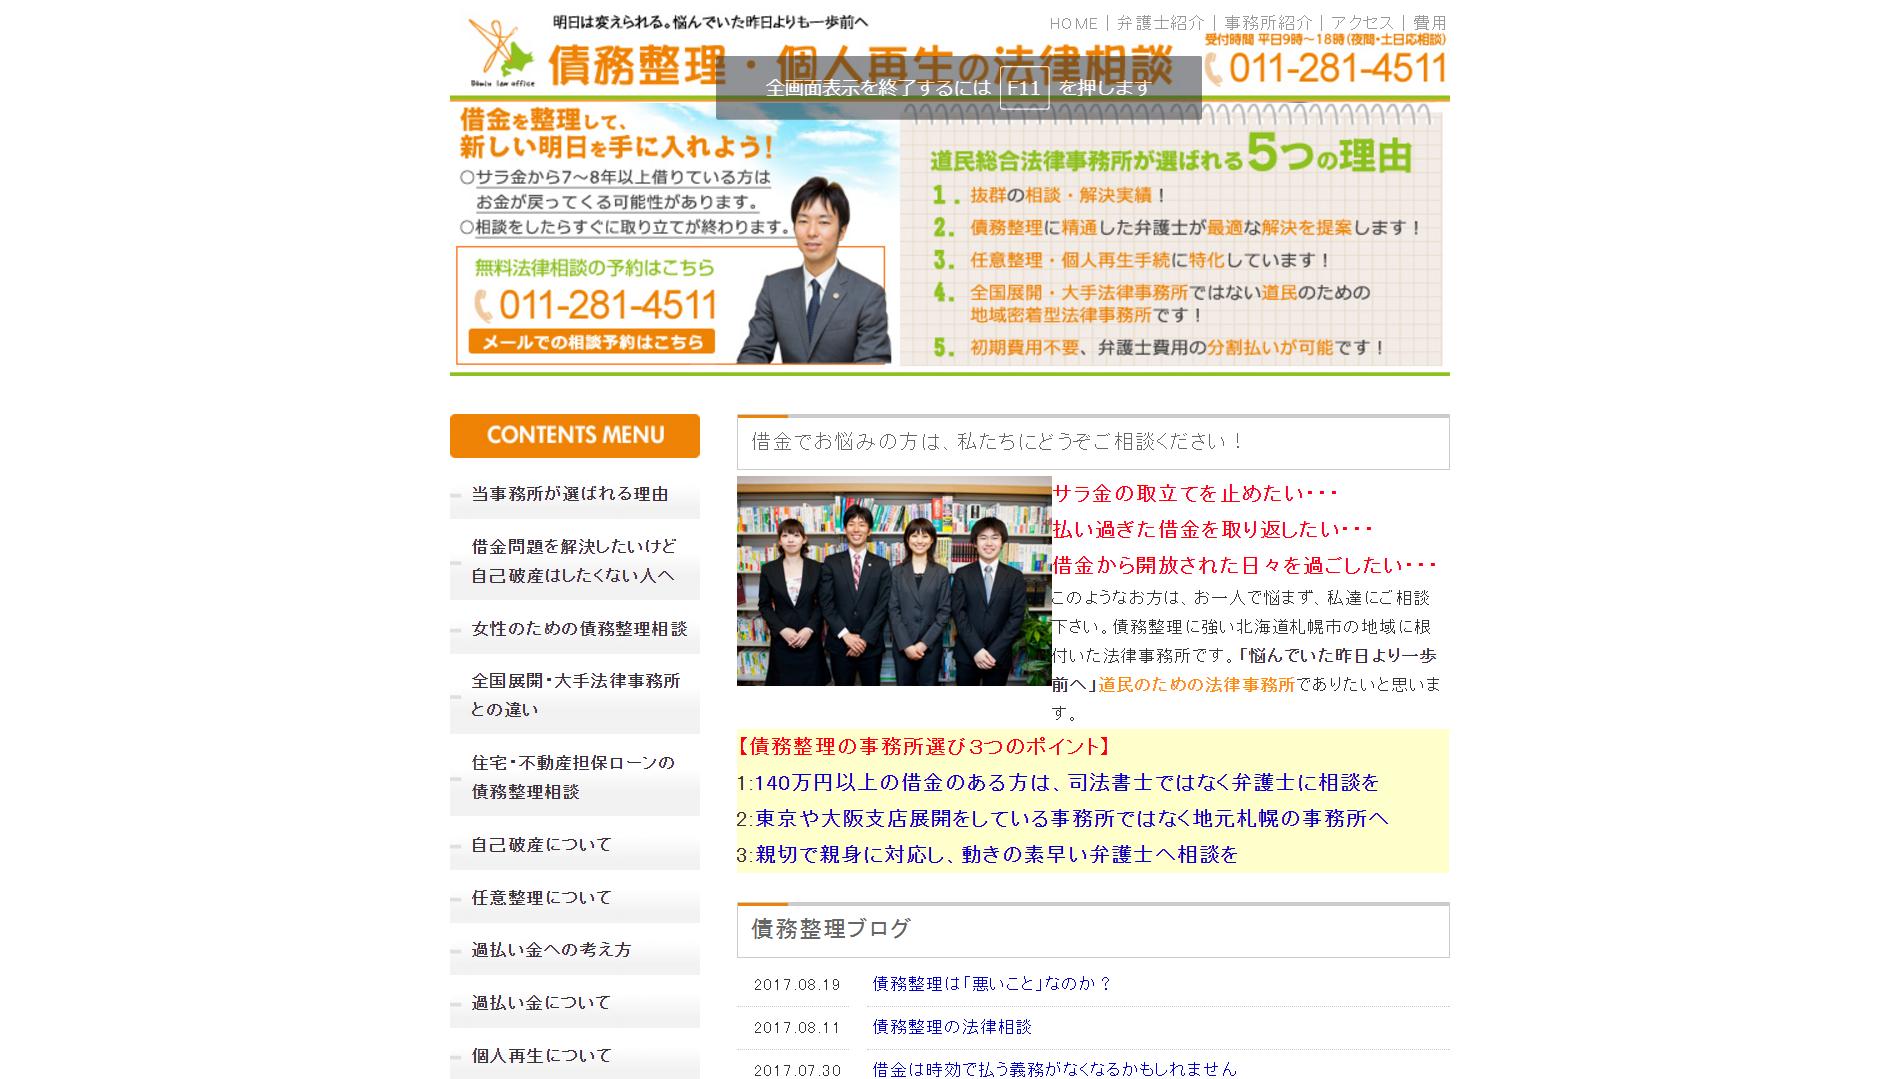 道民法律事務所(北海道札幌市中央区)